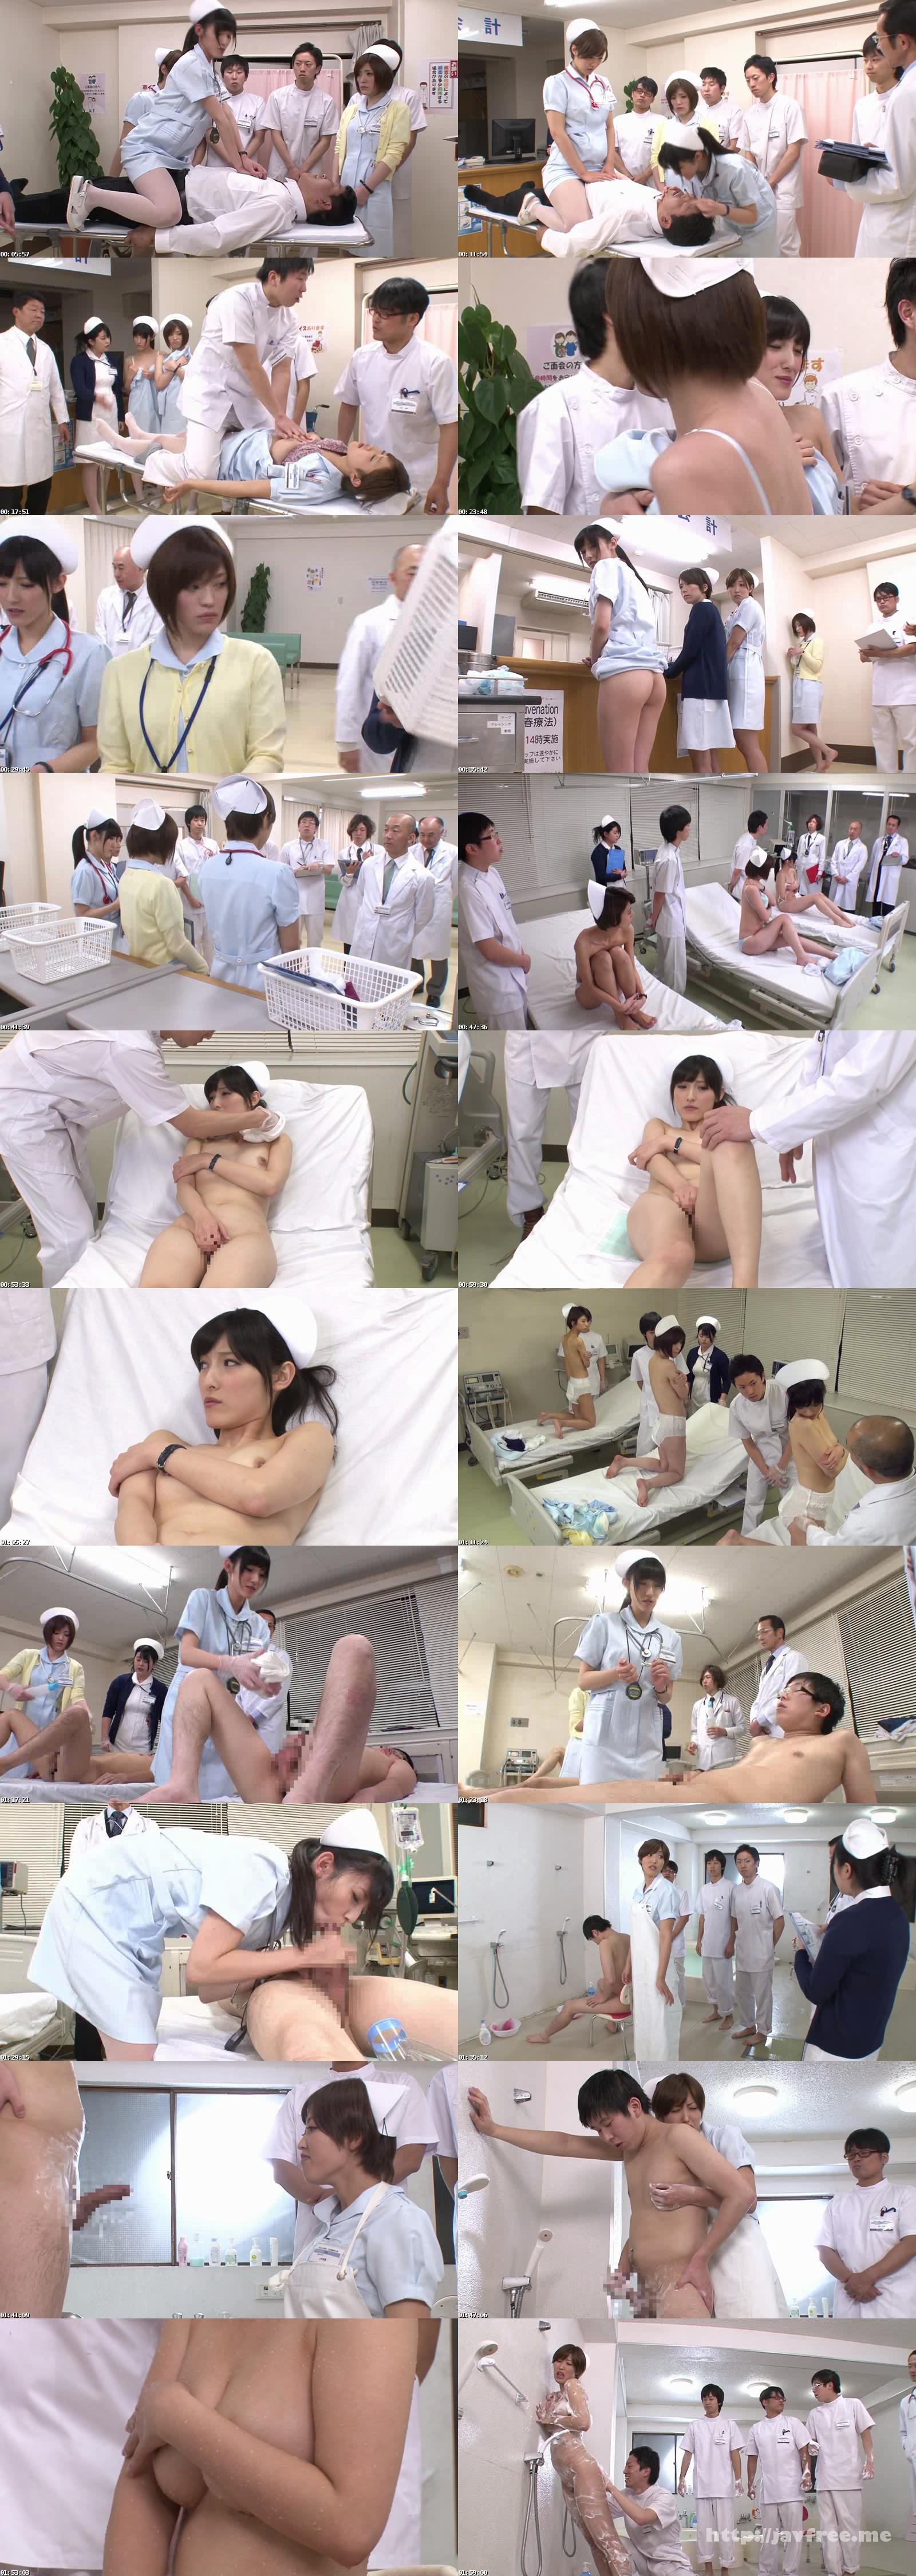 [SVDVD 462] 看護学校の実習で全裸にされ、オマ○コやお尻の穴まで男子に拭かれた私…! 飯岡かなこ 水野朝陽 板垣あずさ 内藤かすみ SVDVD